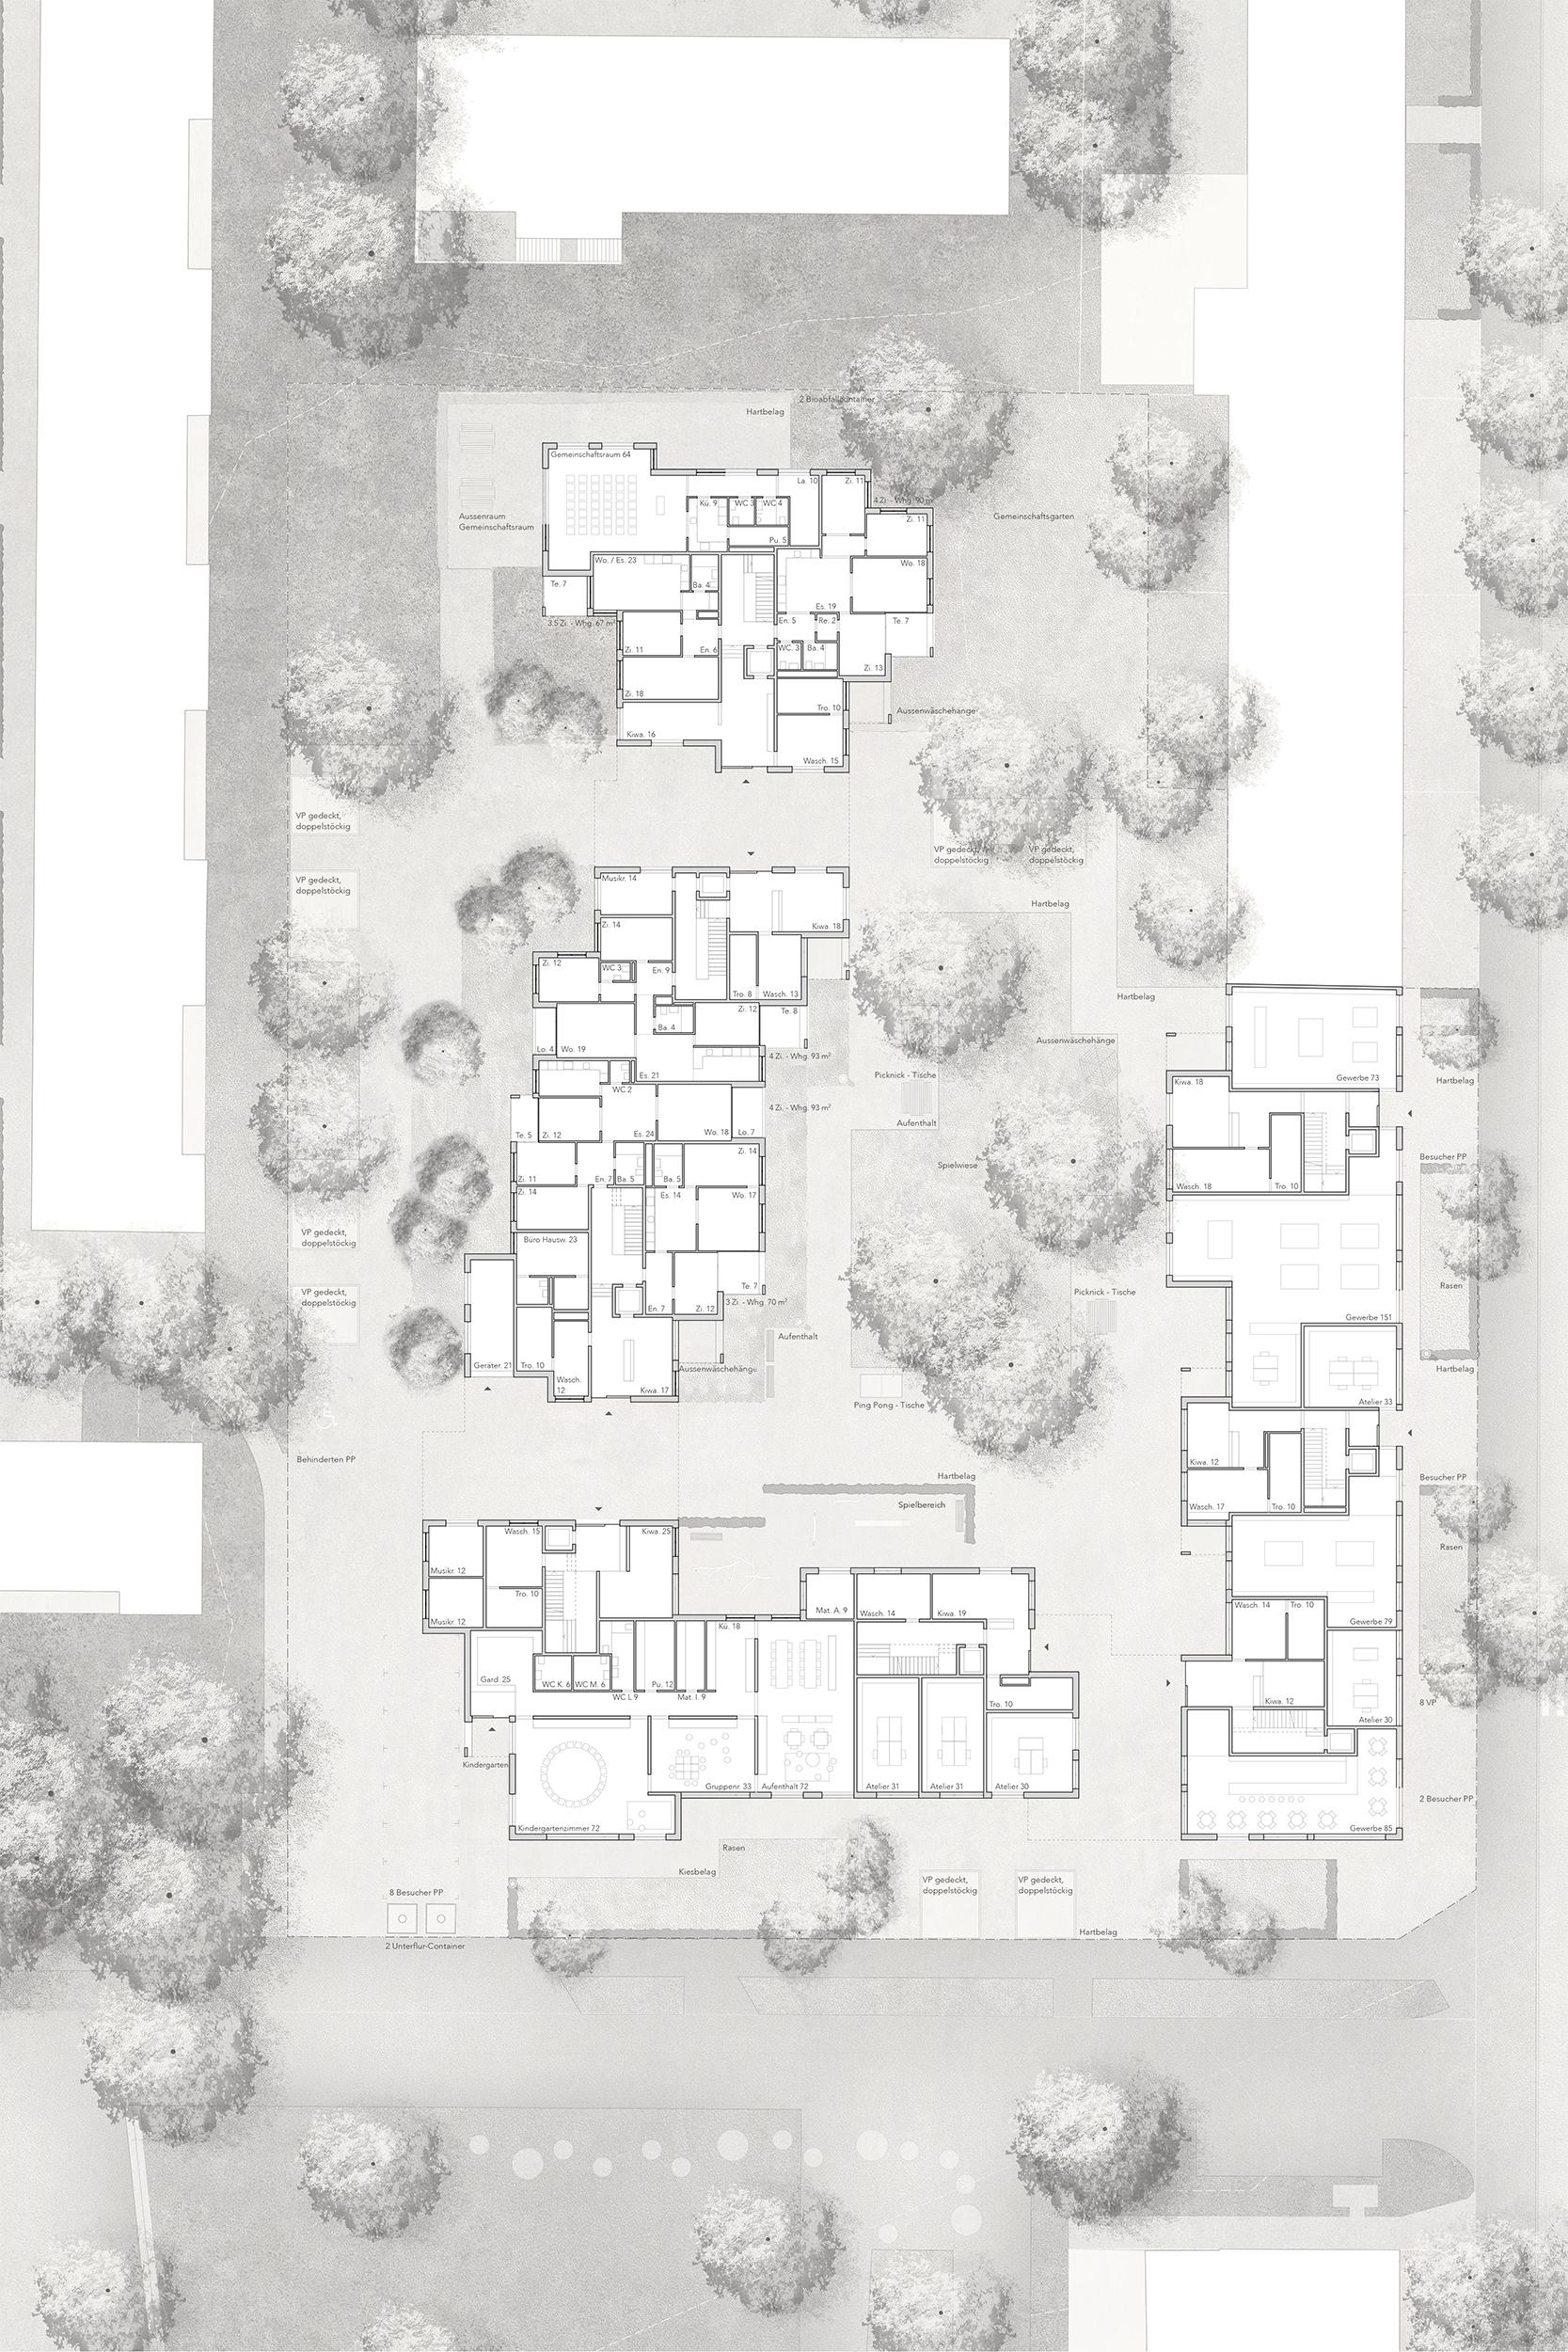 Wohnsiedlung Hardau I